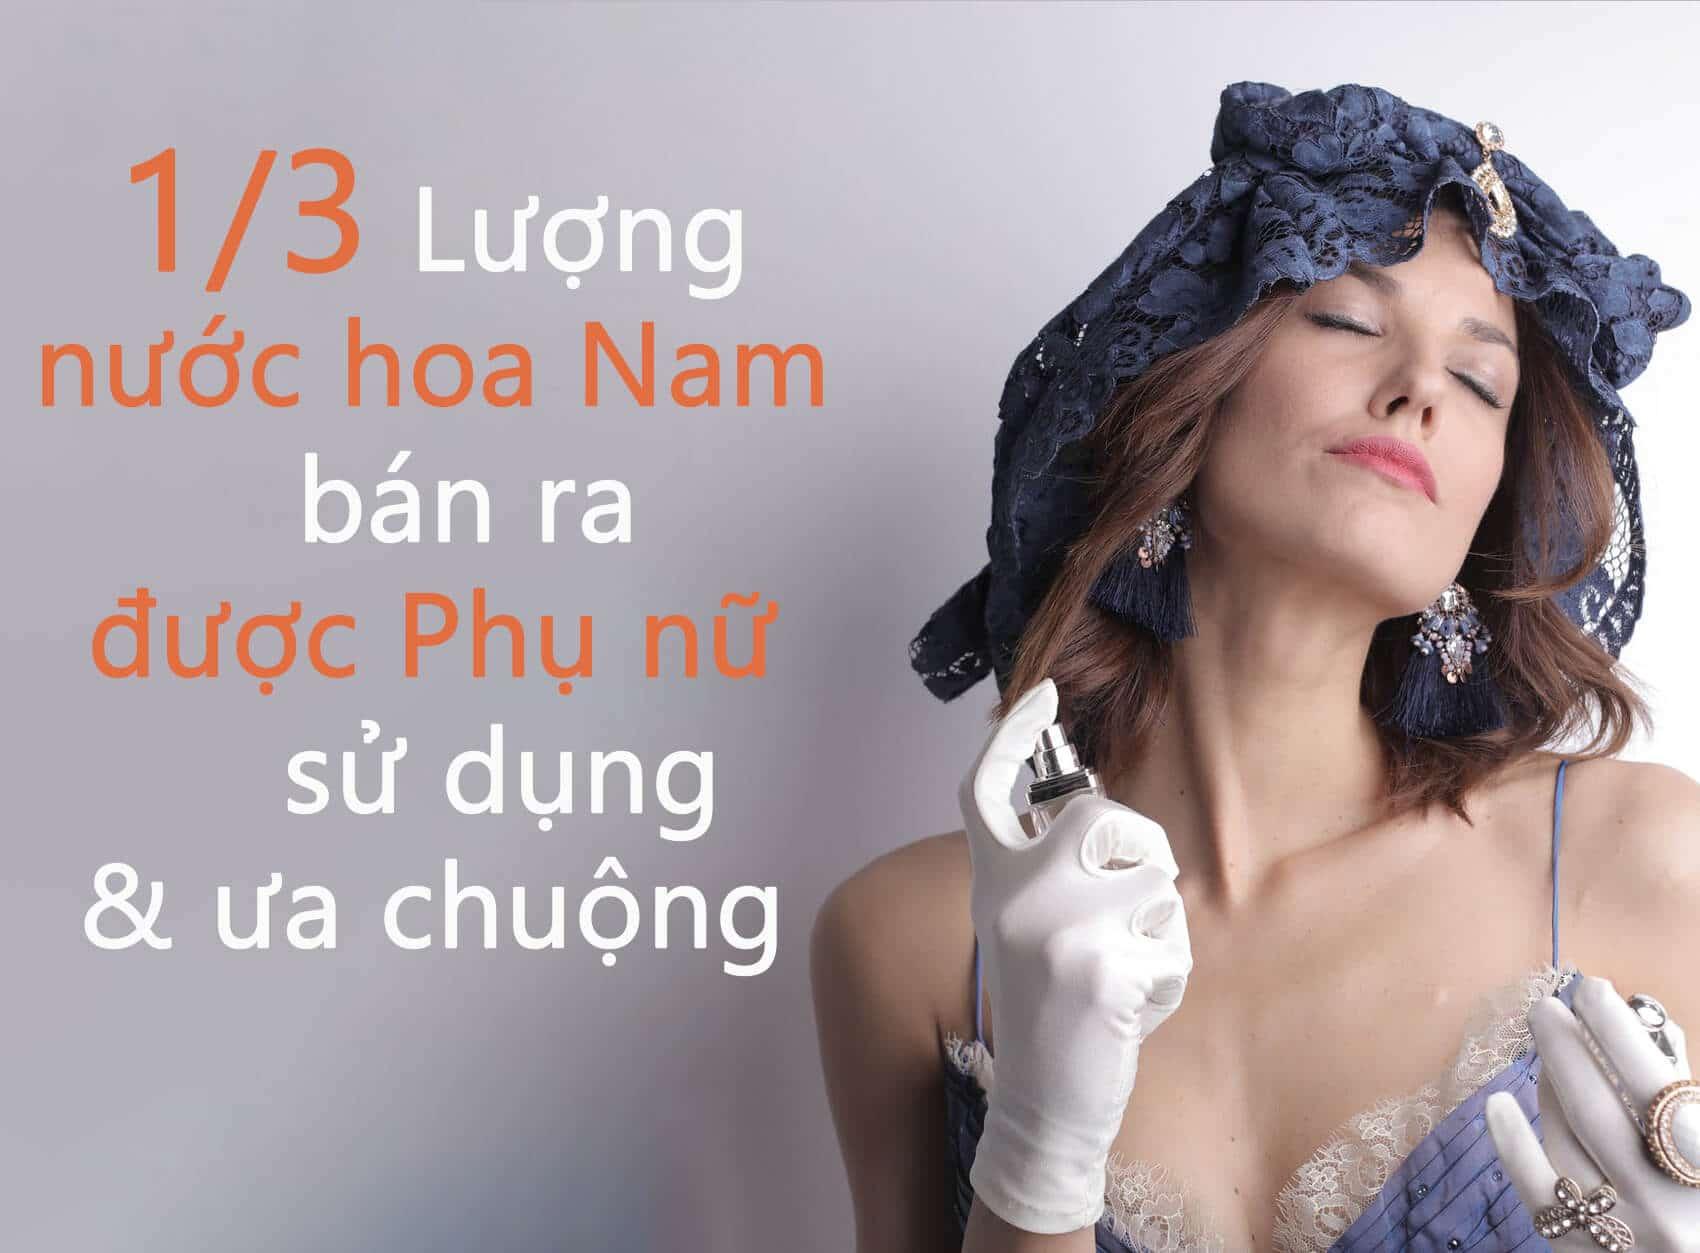 phu-nu-su-dung-nuoc-hoa-nam